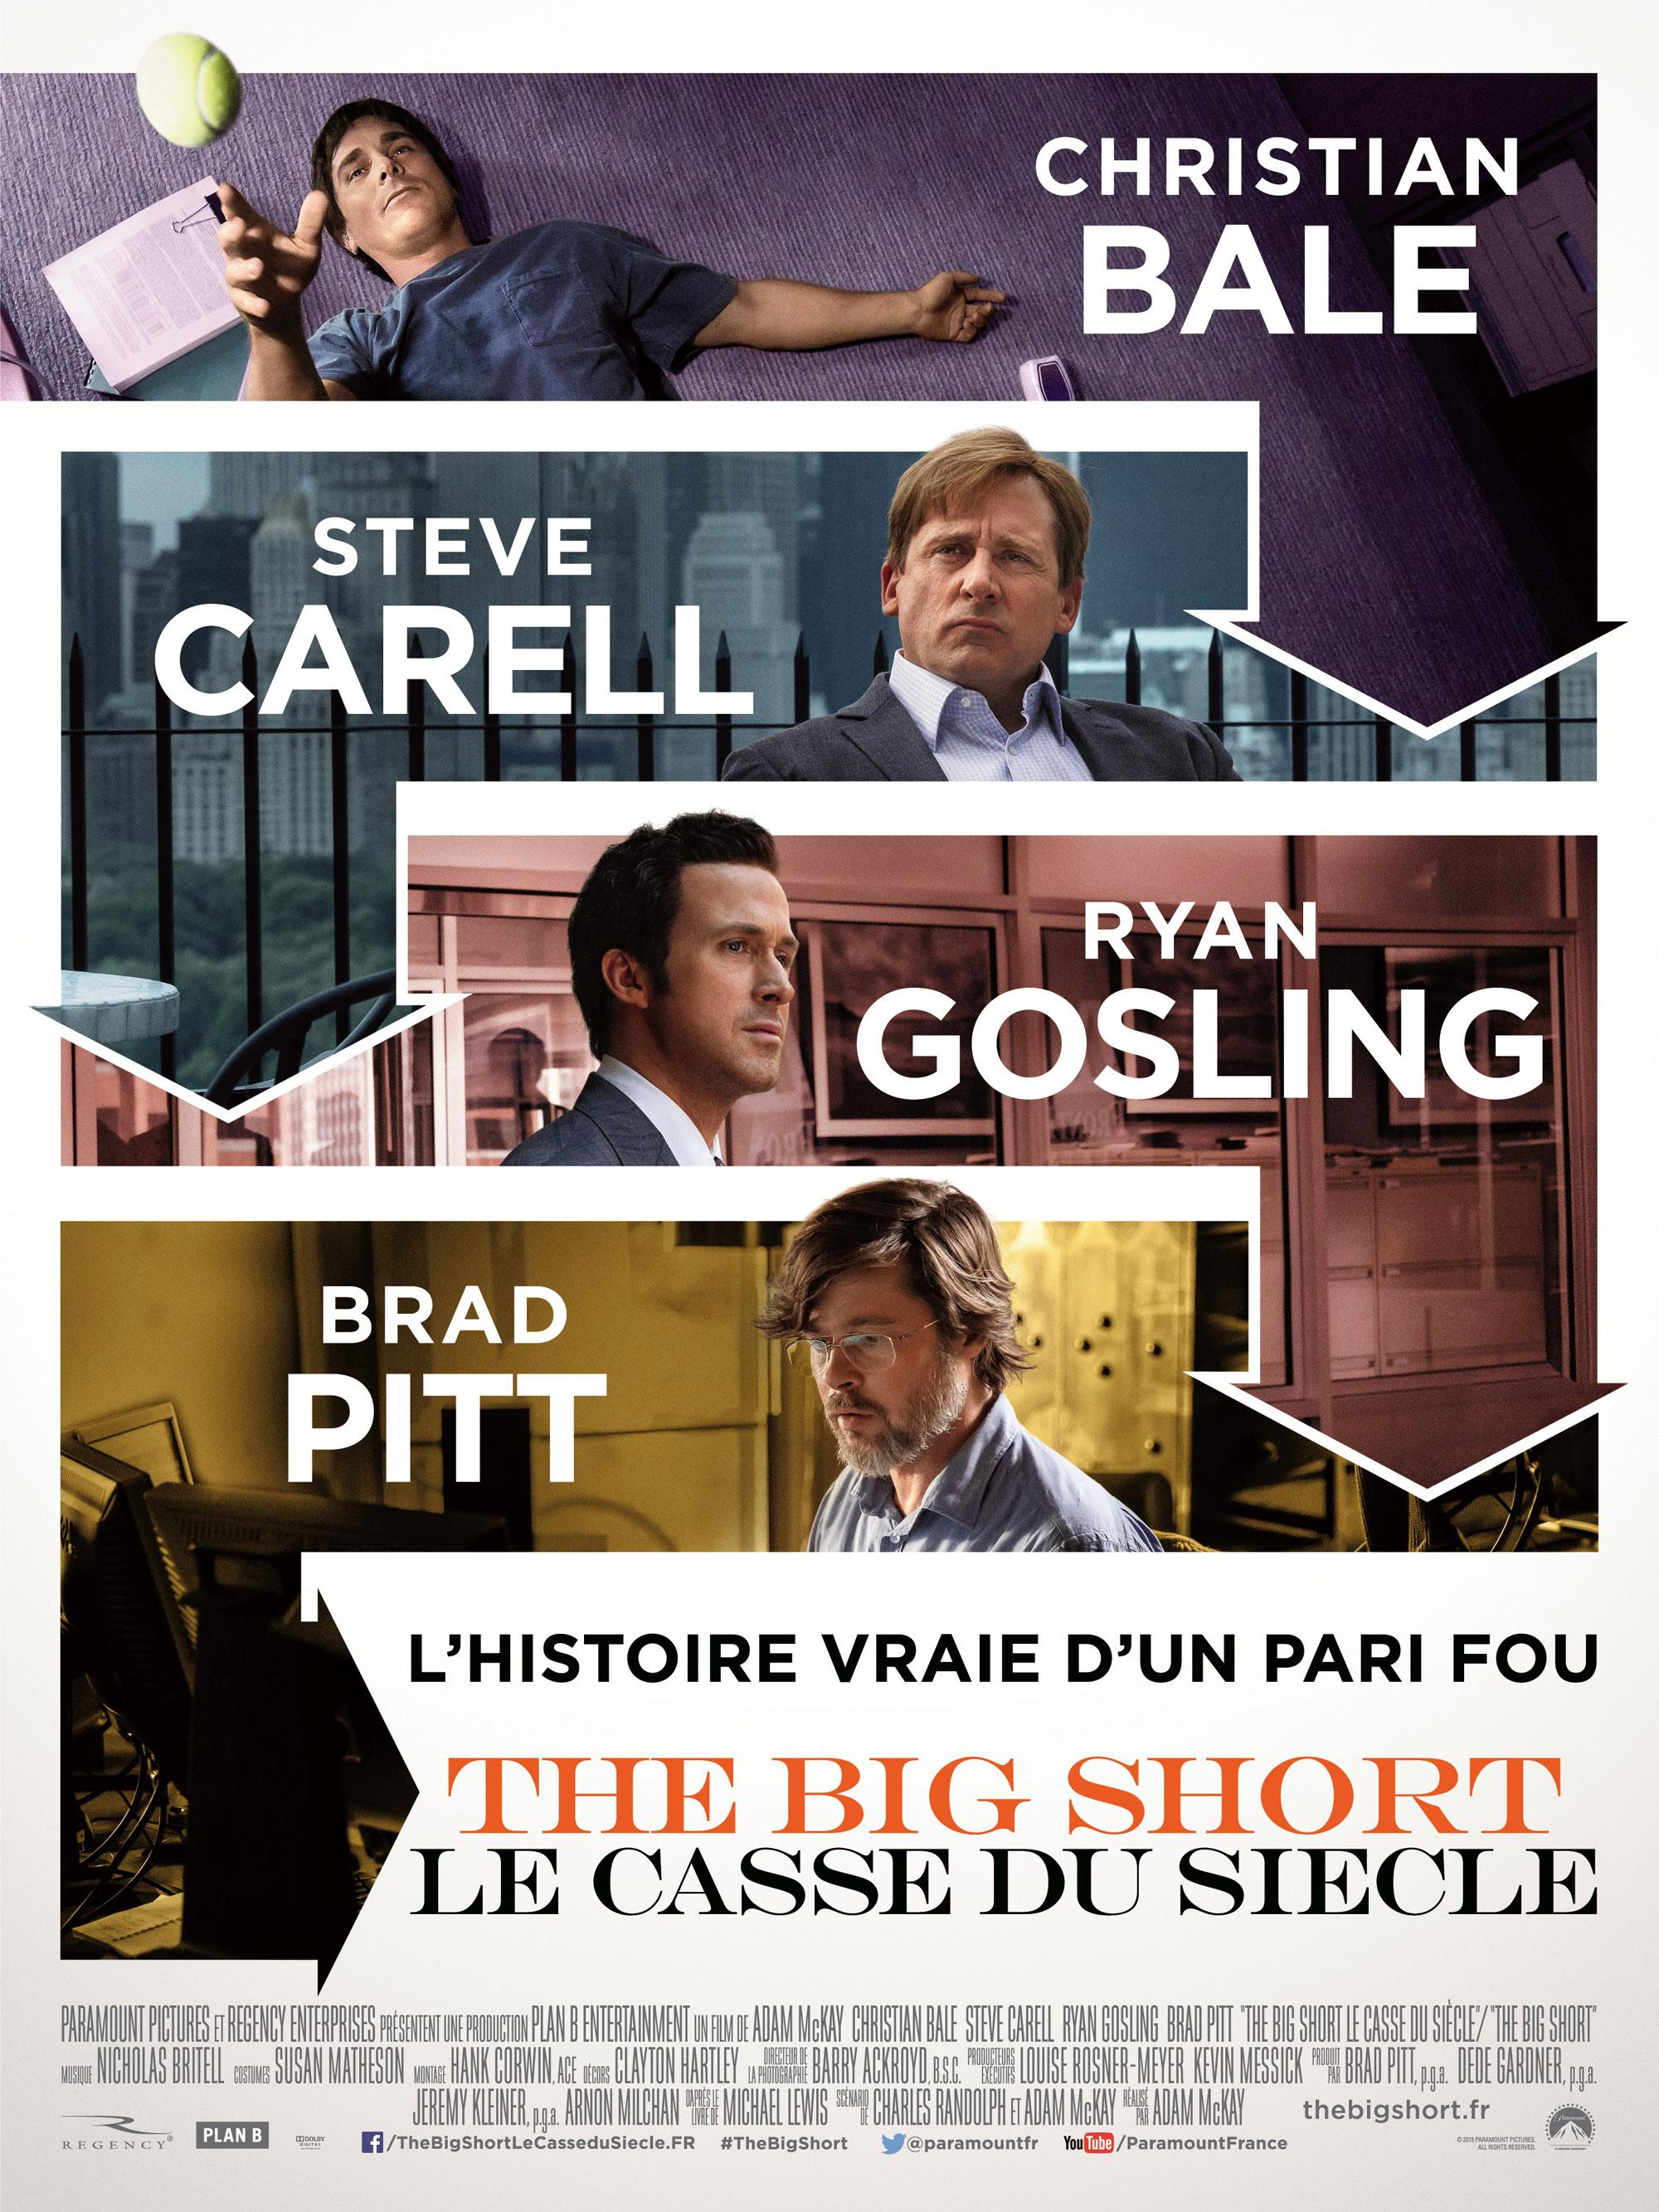 The Big Short - Affiche francaise